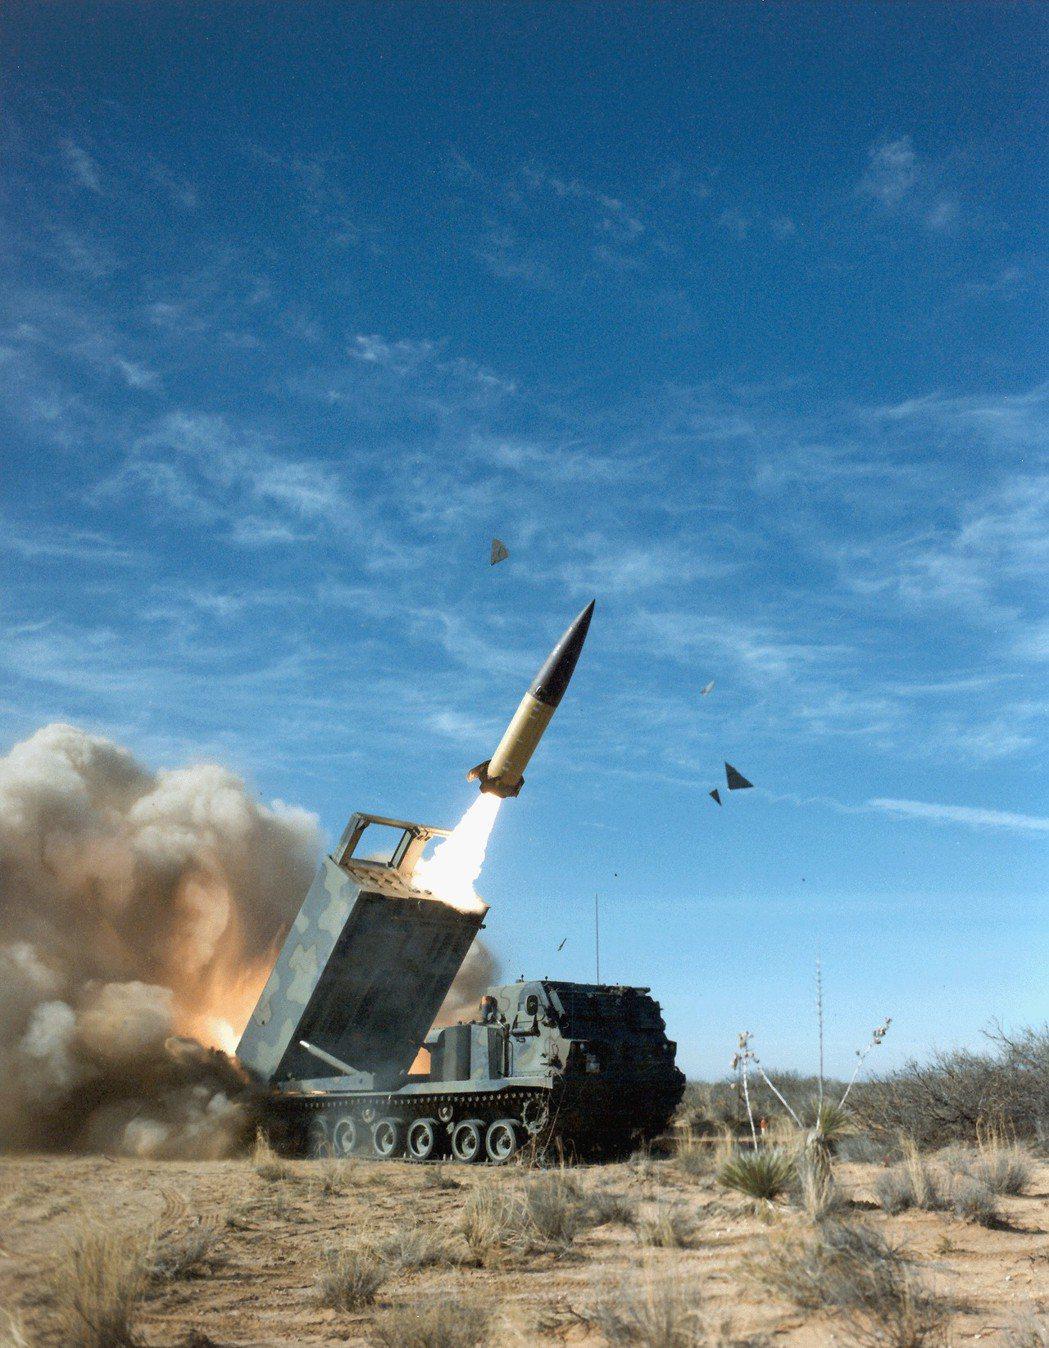 美國陸軍的ATACMS飛彈,射程300公里,是國軍未來引進或仿製的目標。 圖/美...